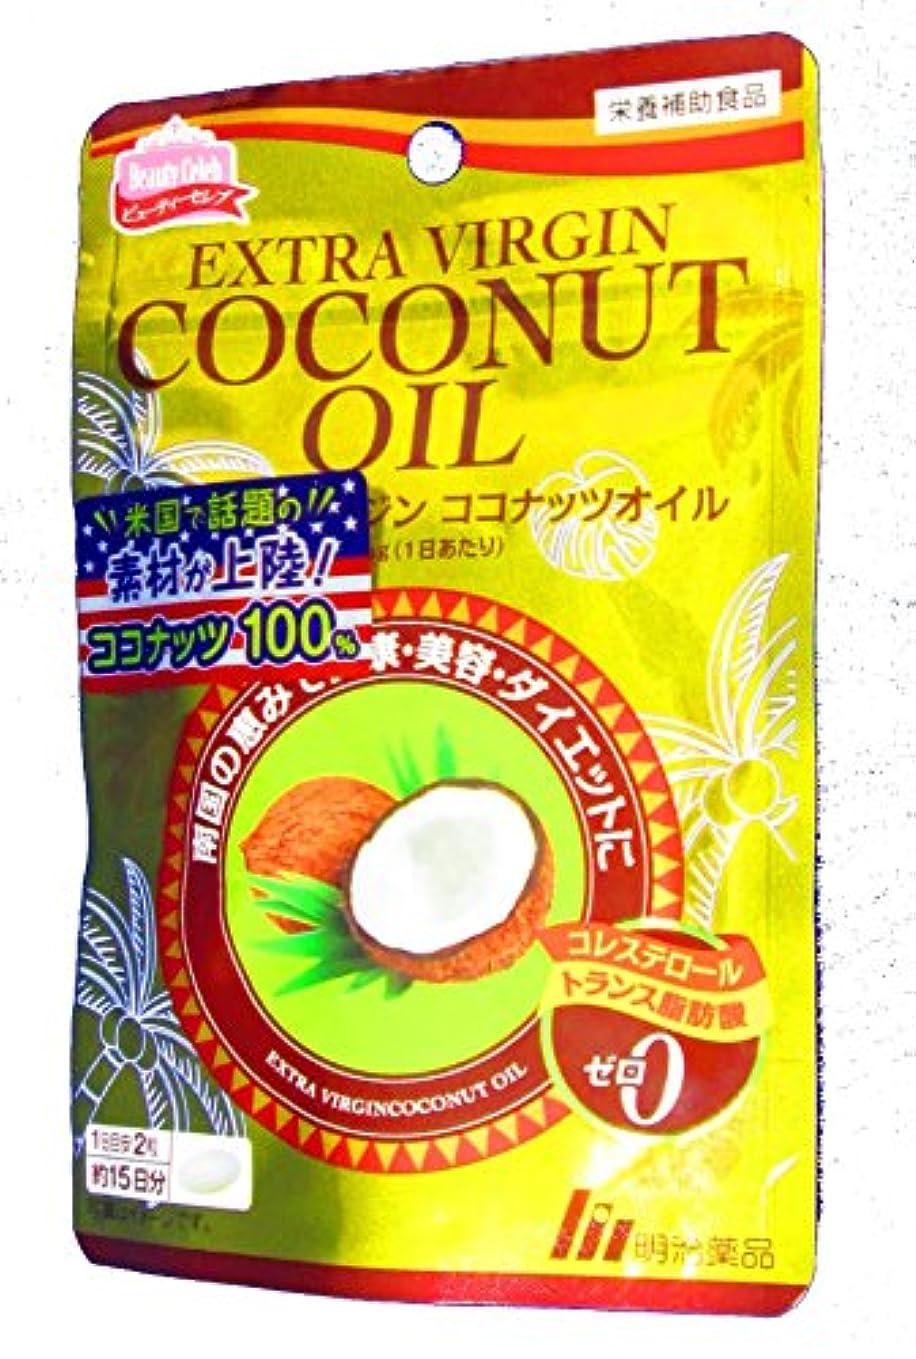 ライド提案賢明な明治薬品 エクストラヴァージンココナッツオイル 30粒